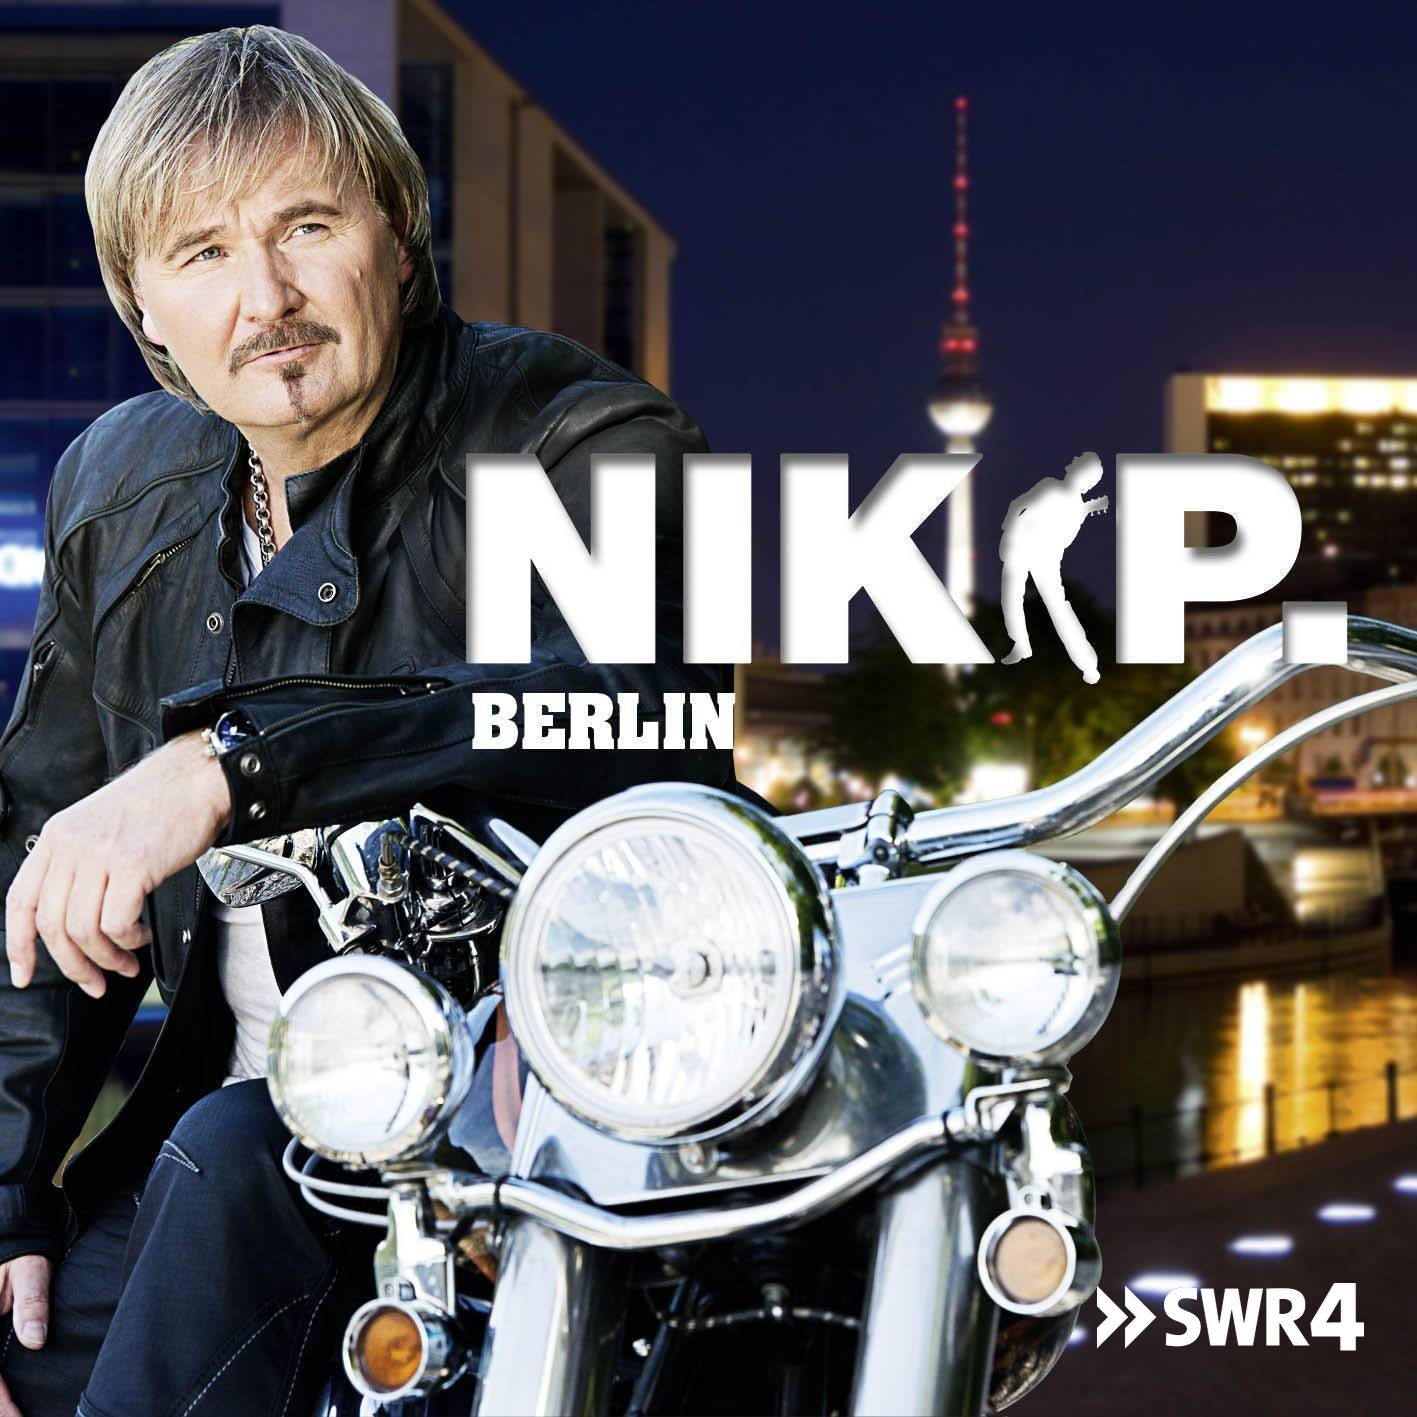 Berlin (Foto: Nik P.)